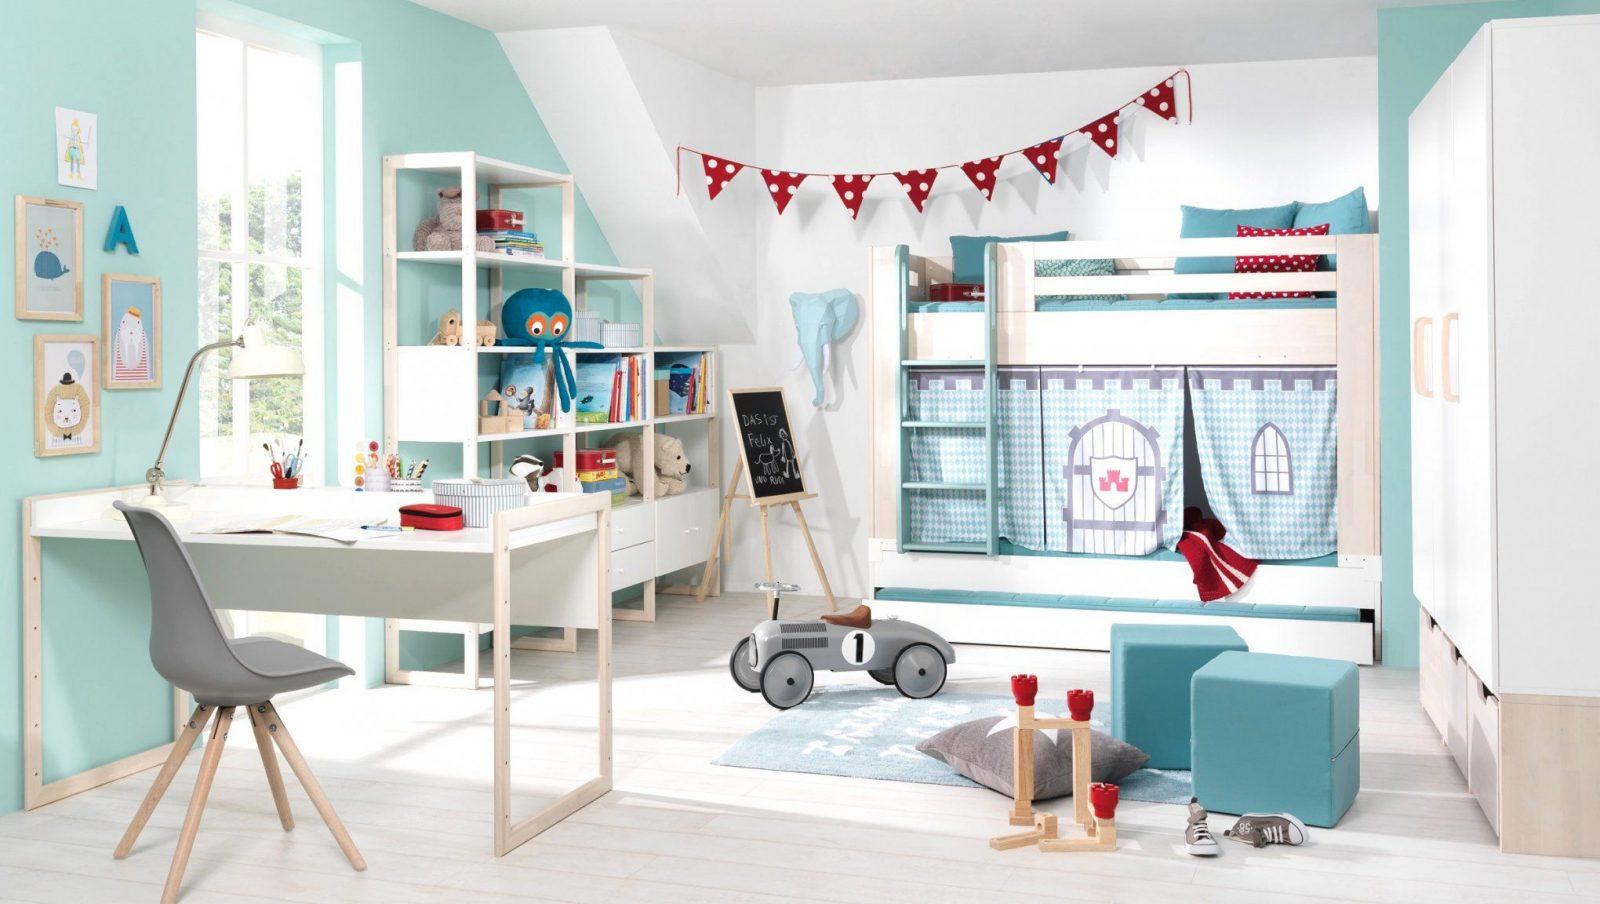 Entzuckend Wunderbare Ideen Jungen Kinderzimmer Und Schöne Gestalten Junge Von Schöne  Kinderzimmer Für Jungen Photo ...